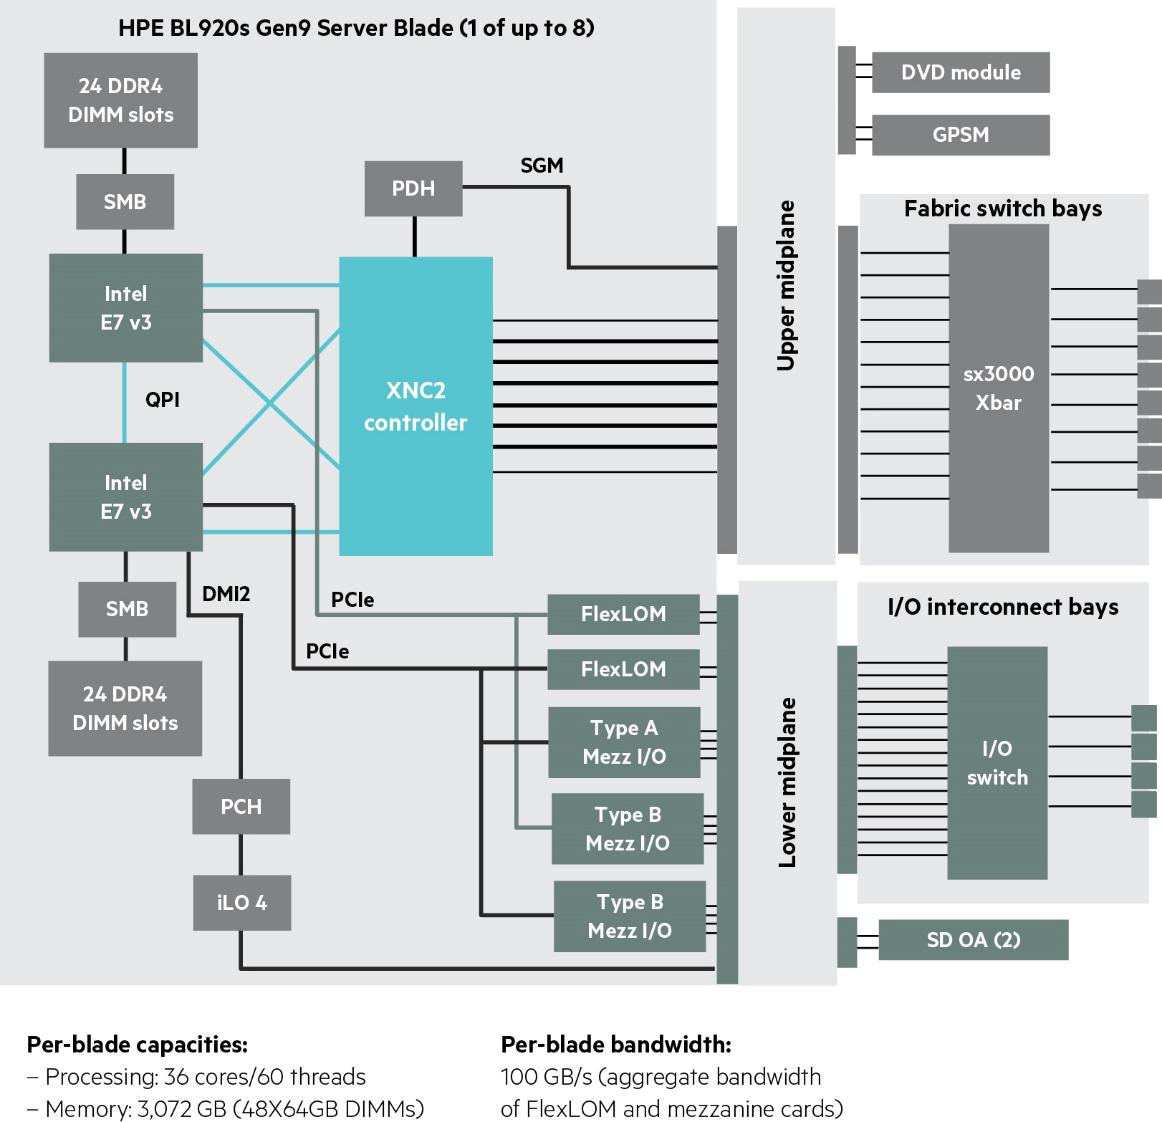 Тихая революция: внедрение x86-архитектуры вместо RISC-машин для процессинга банка - 4